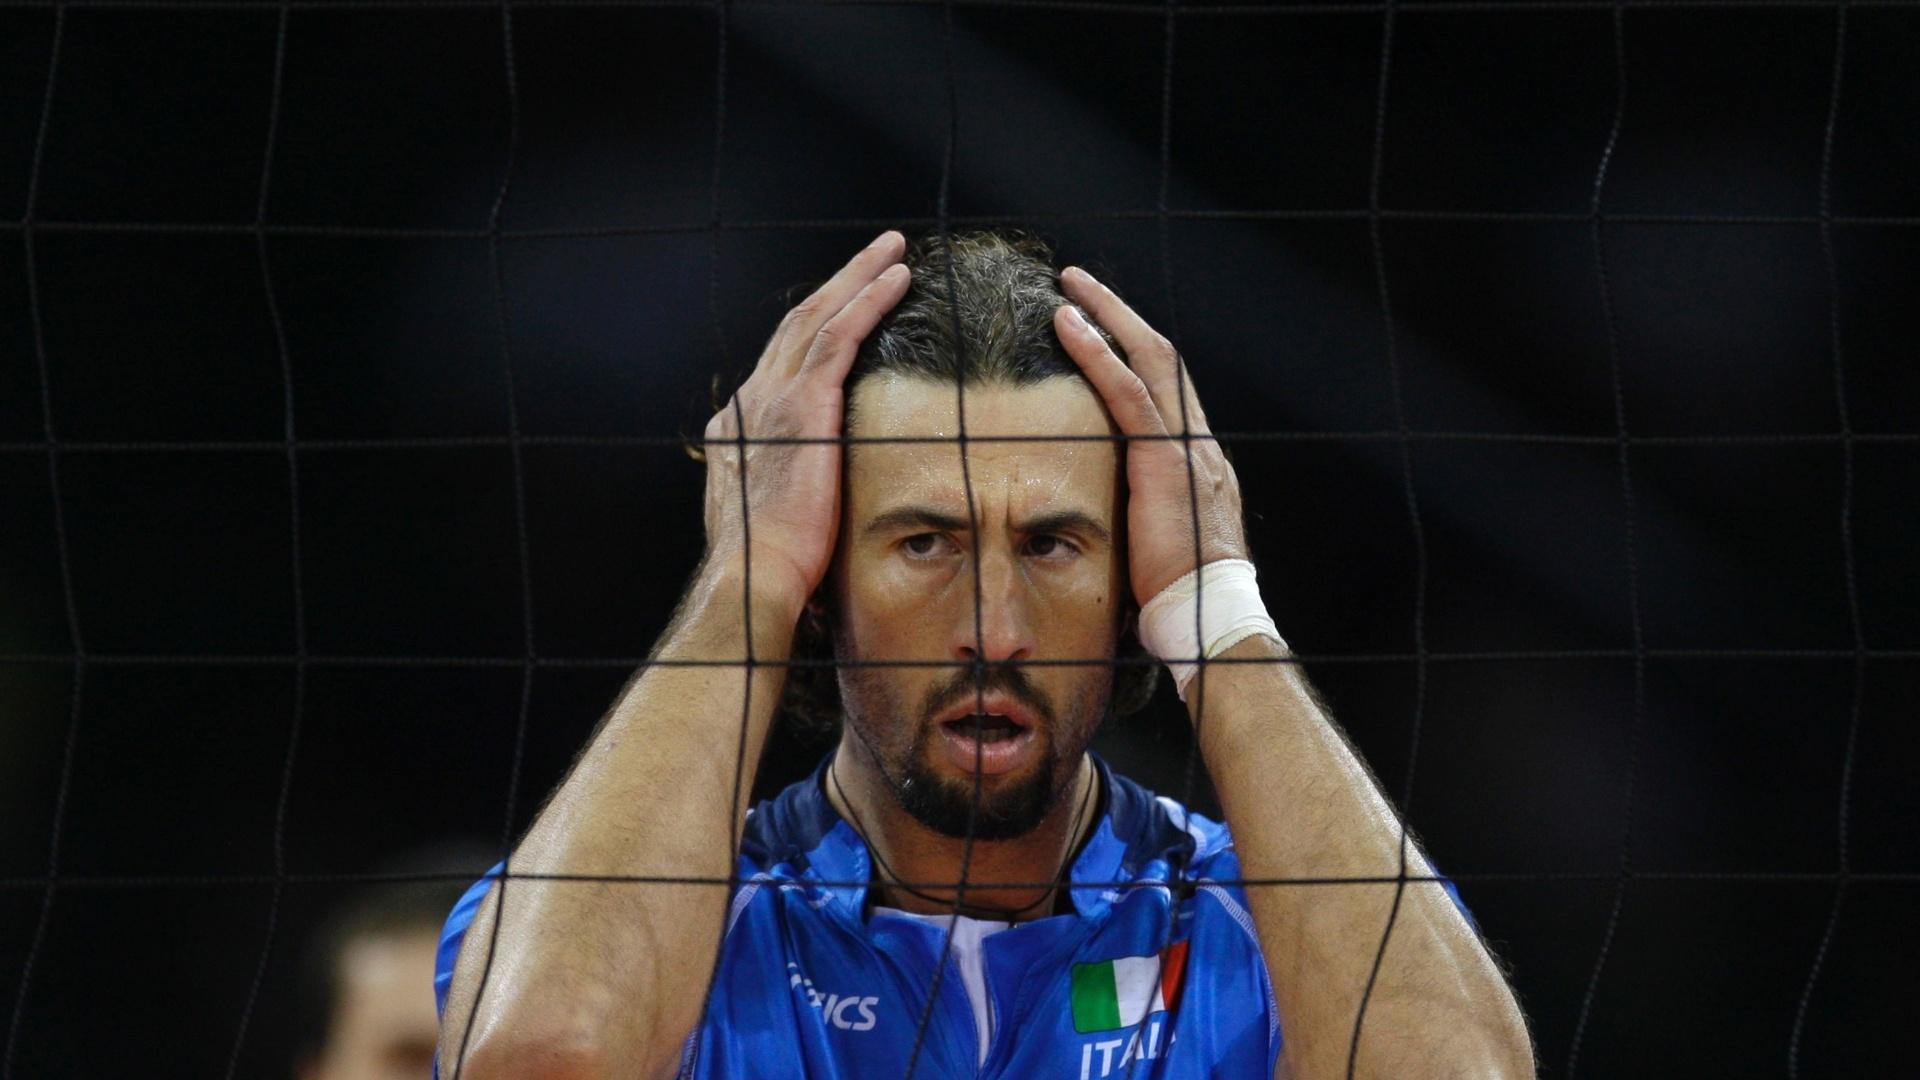 Vigor Bovolenta é fotografado em jogo da seleção italiana na Olimpíada de Pequim-2008; meio de rede sofreu um mal súbito durante uma partida da quarta divisão do Campeonato Italiano e morreu no dia 24/03/2012)